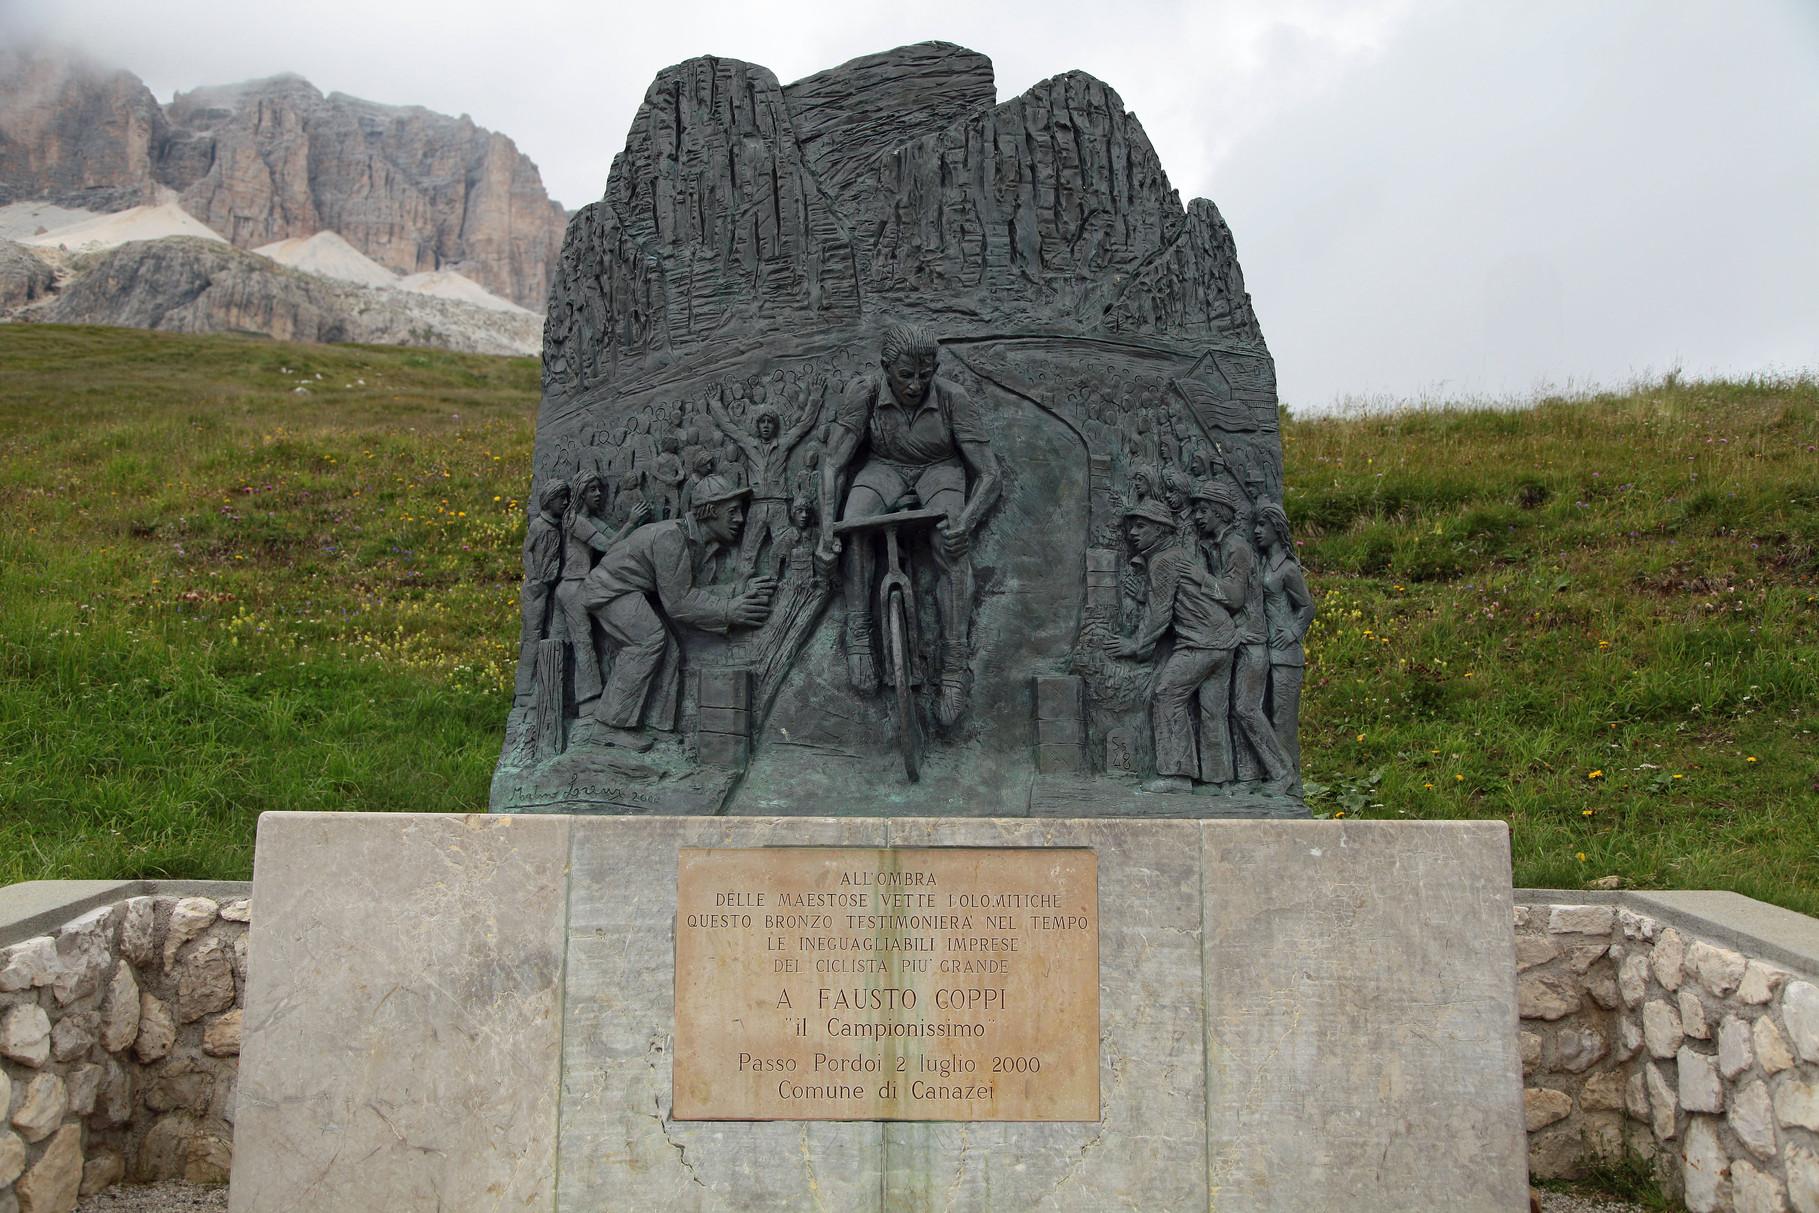 Monumento a Fausto Coppi. Passo Pordoi. Canazei (TN)